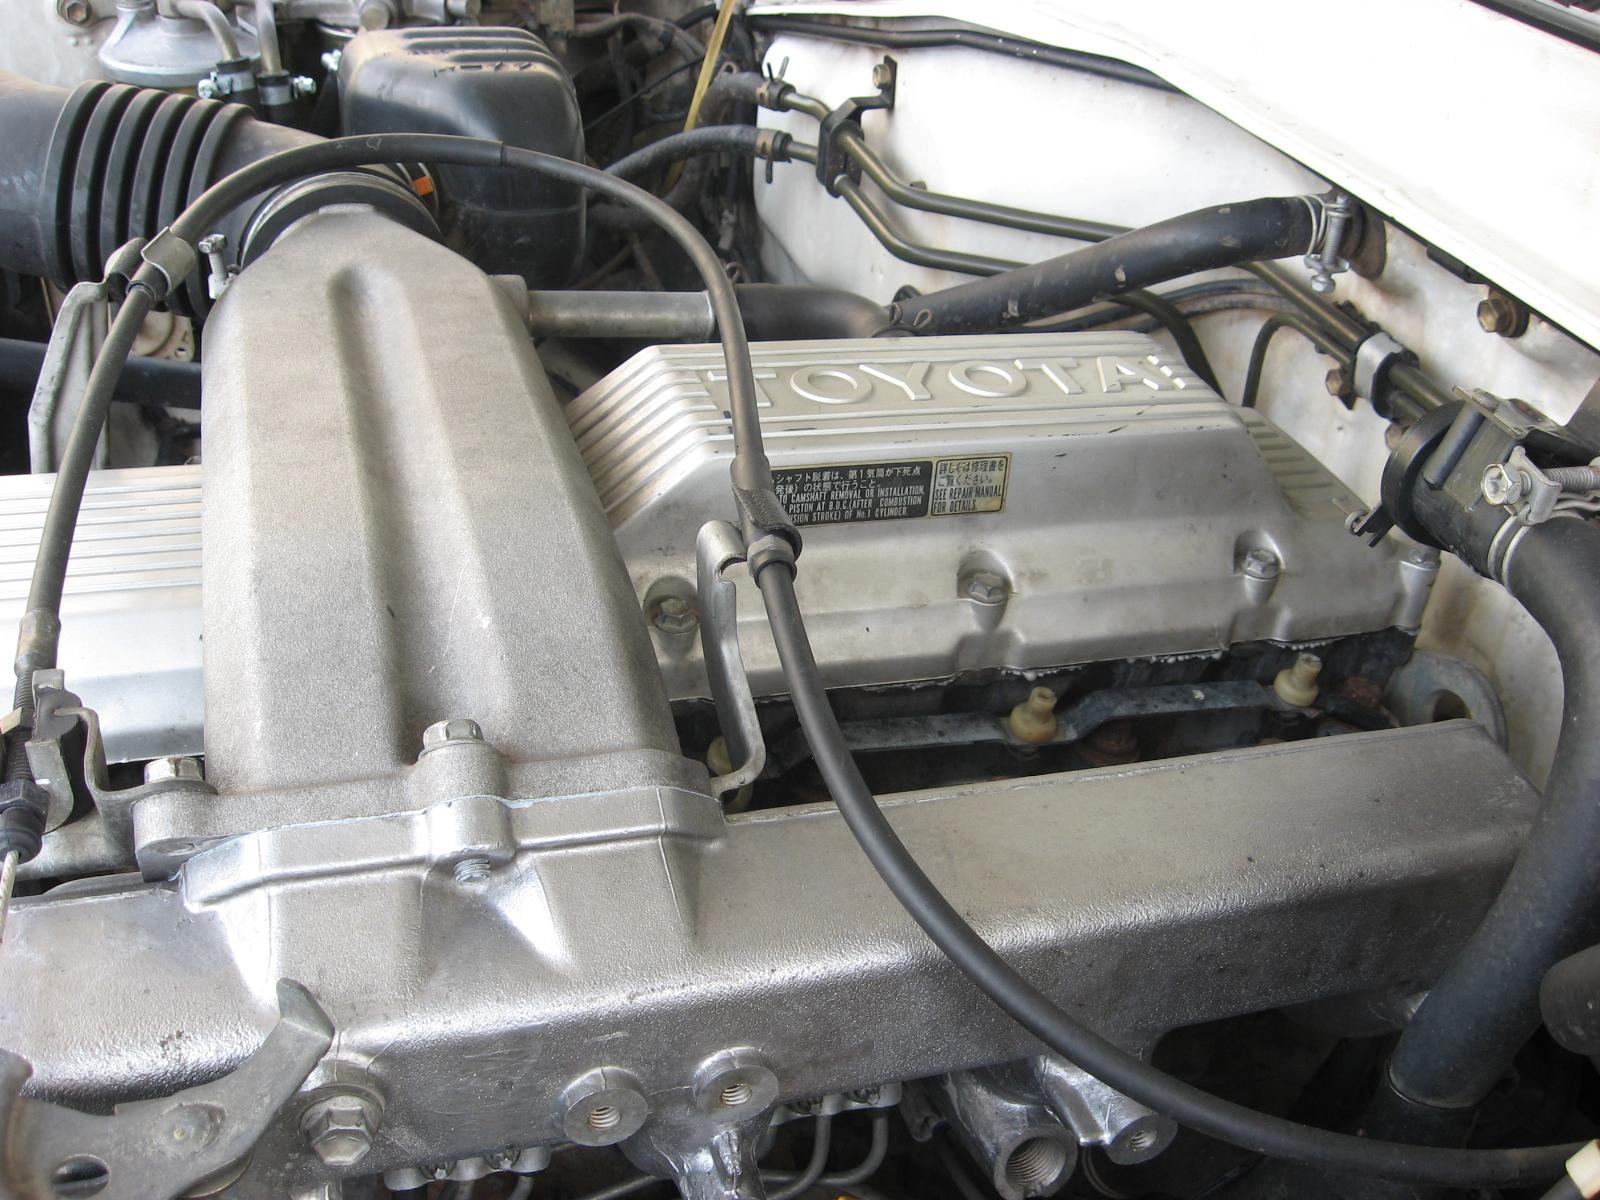 file toyota 1hz engine 02 jpg wikimedia commons rh commons wikimedia org 2000 Toyota Land Cruiser toyota land cruiser 1hz repair manual